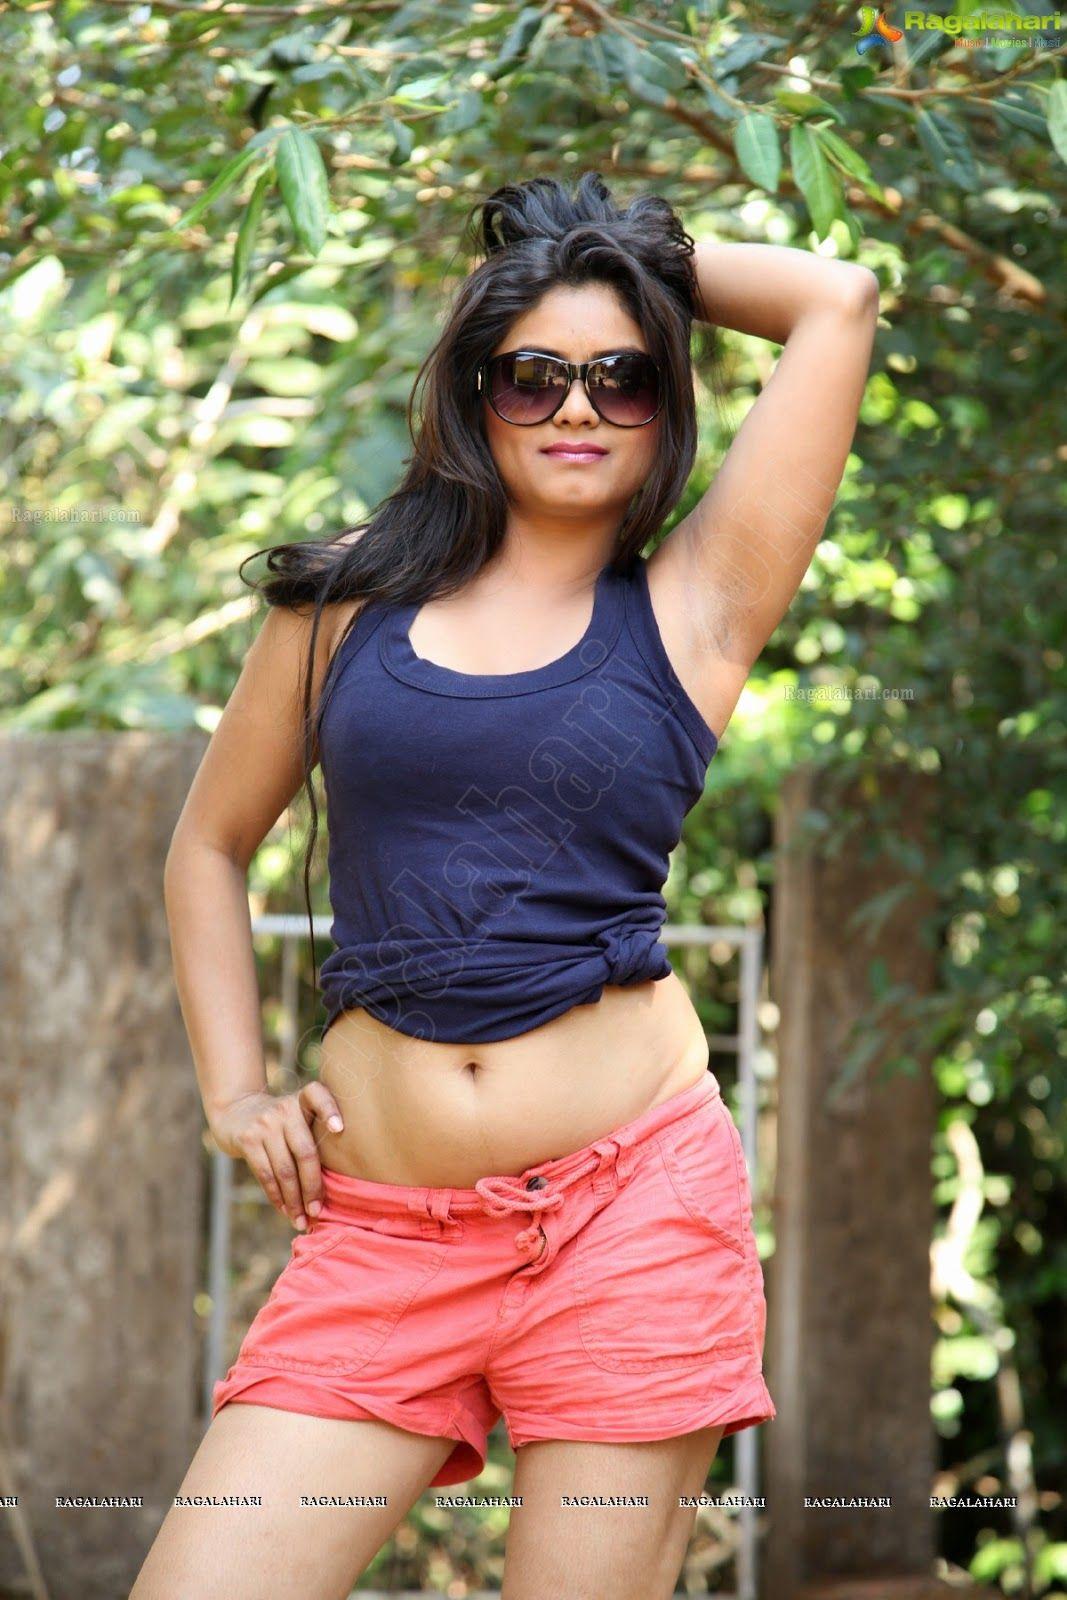 Hot Armpit,Actress Armpit,Indian Armpit,Actress Armpit -4603